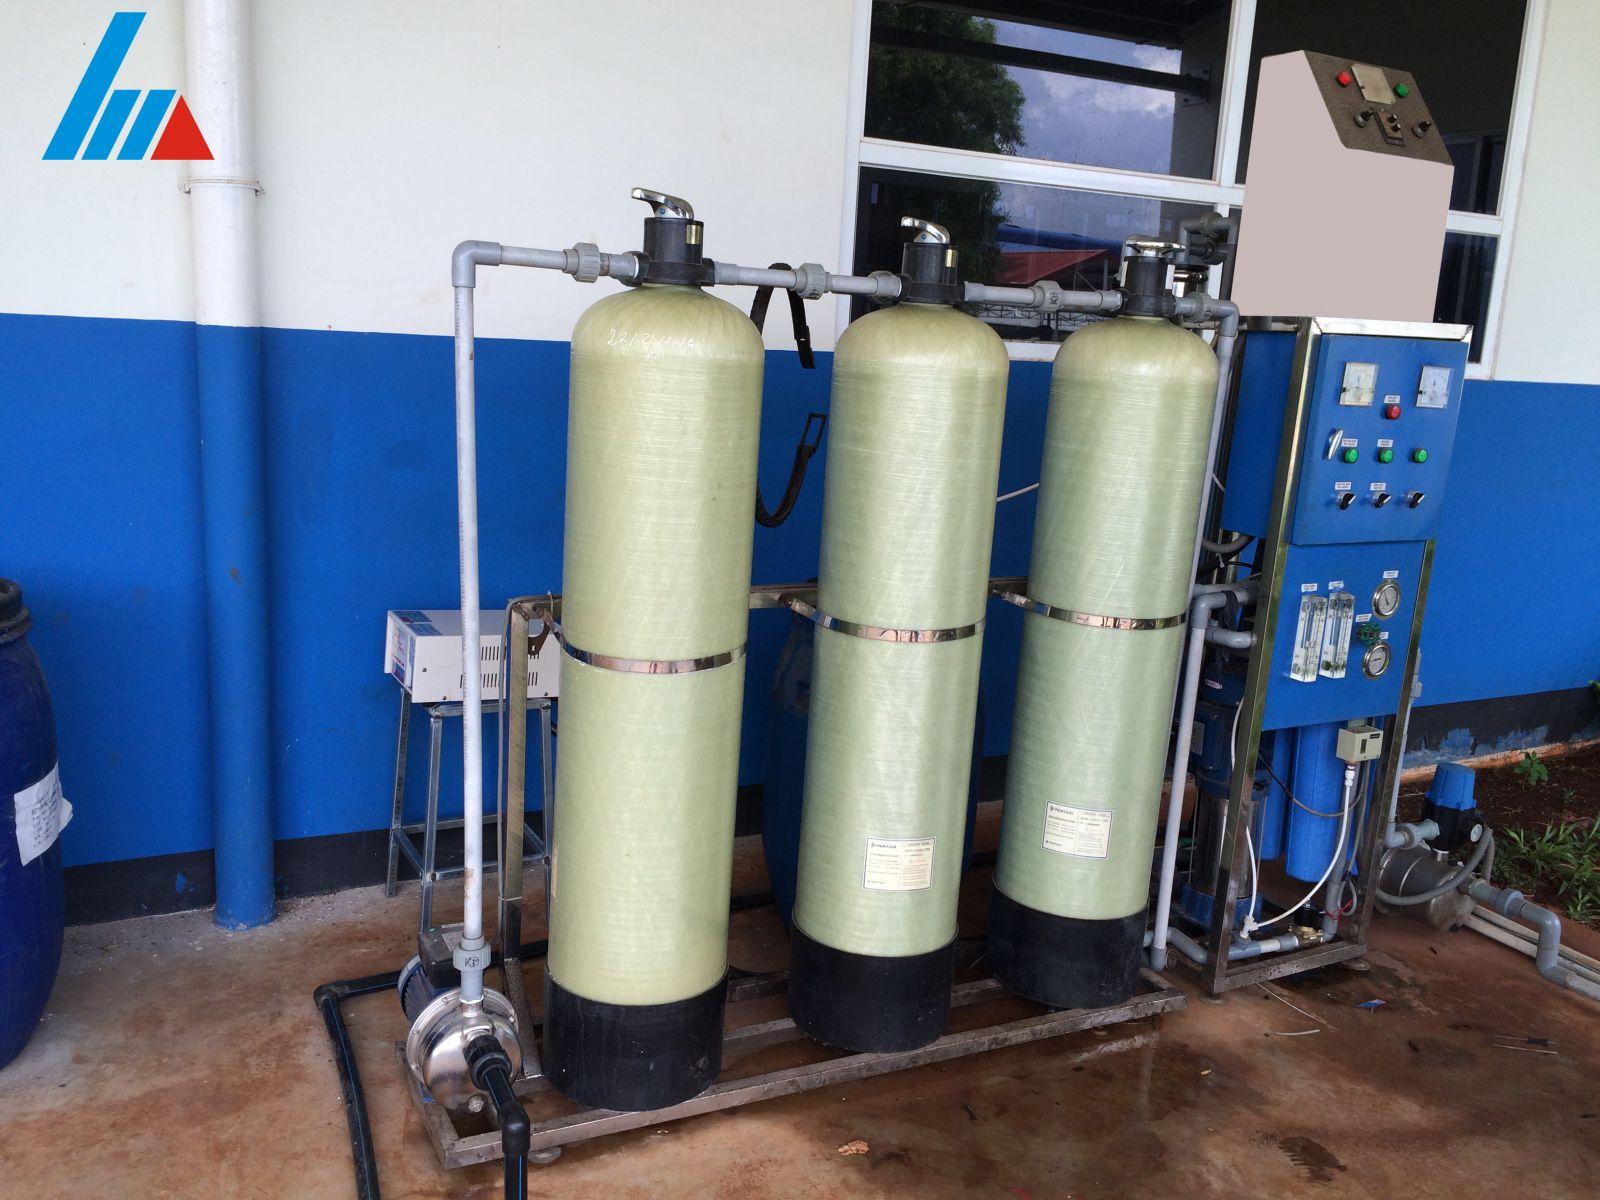 Xây dựng hệ thống xử lý nước thải nha khoa cơ sở Phú Mỹ